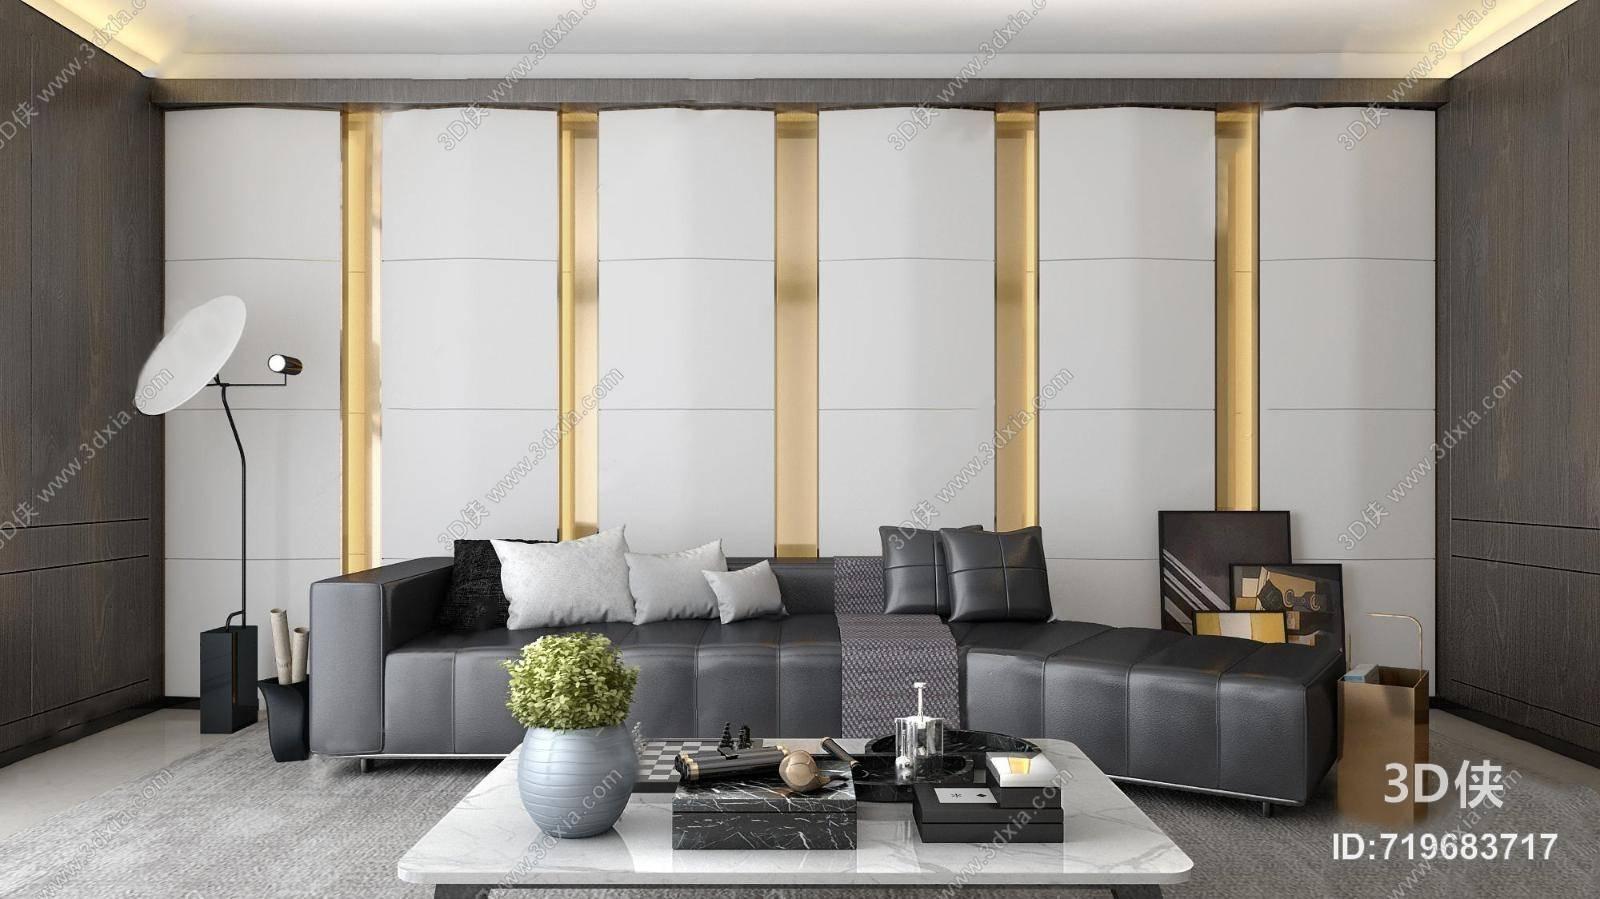 现代客厅 背景墙 落地灯 沙发 茶几